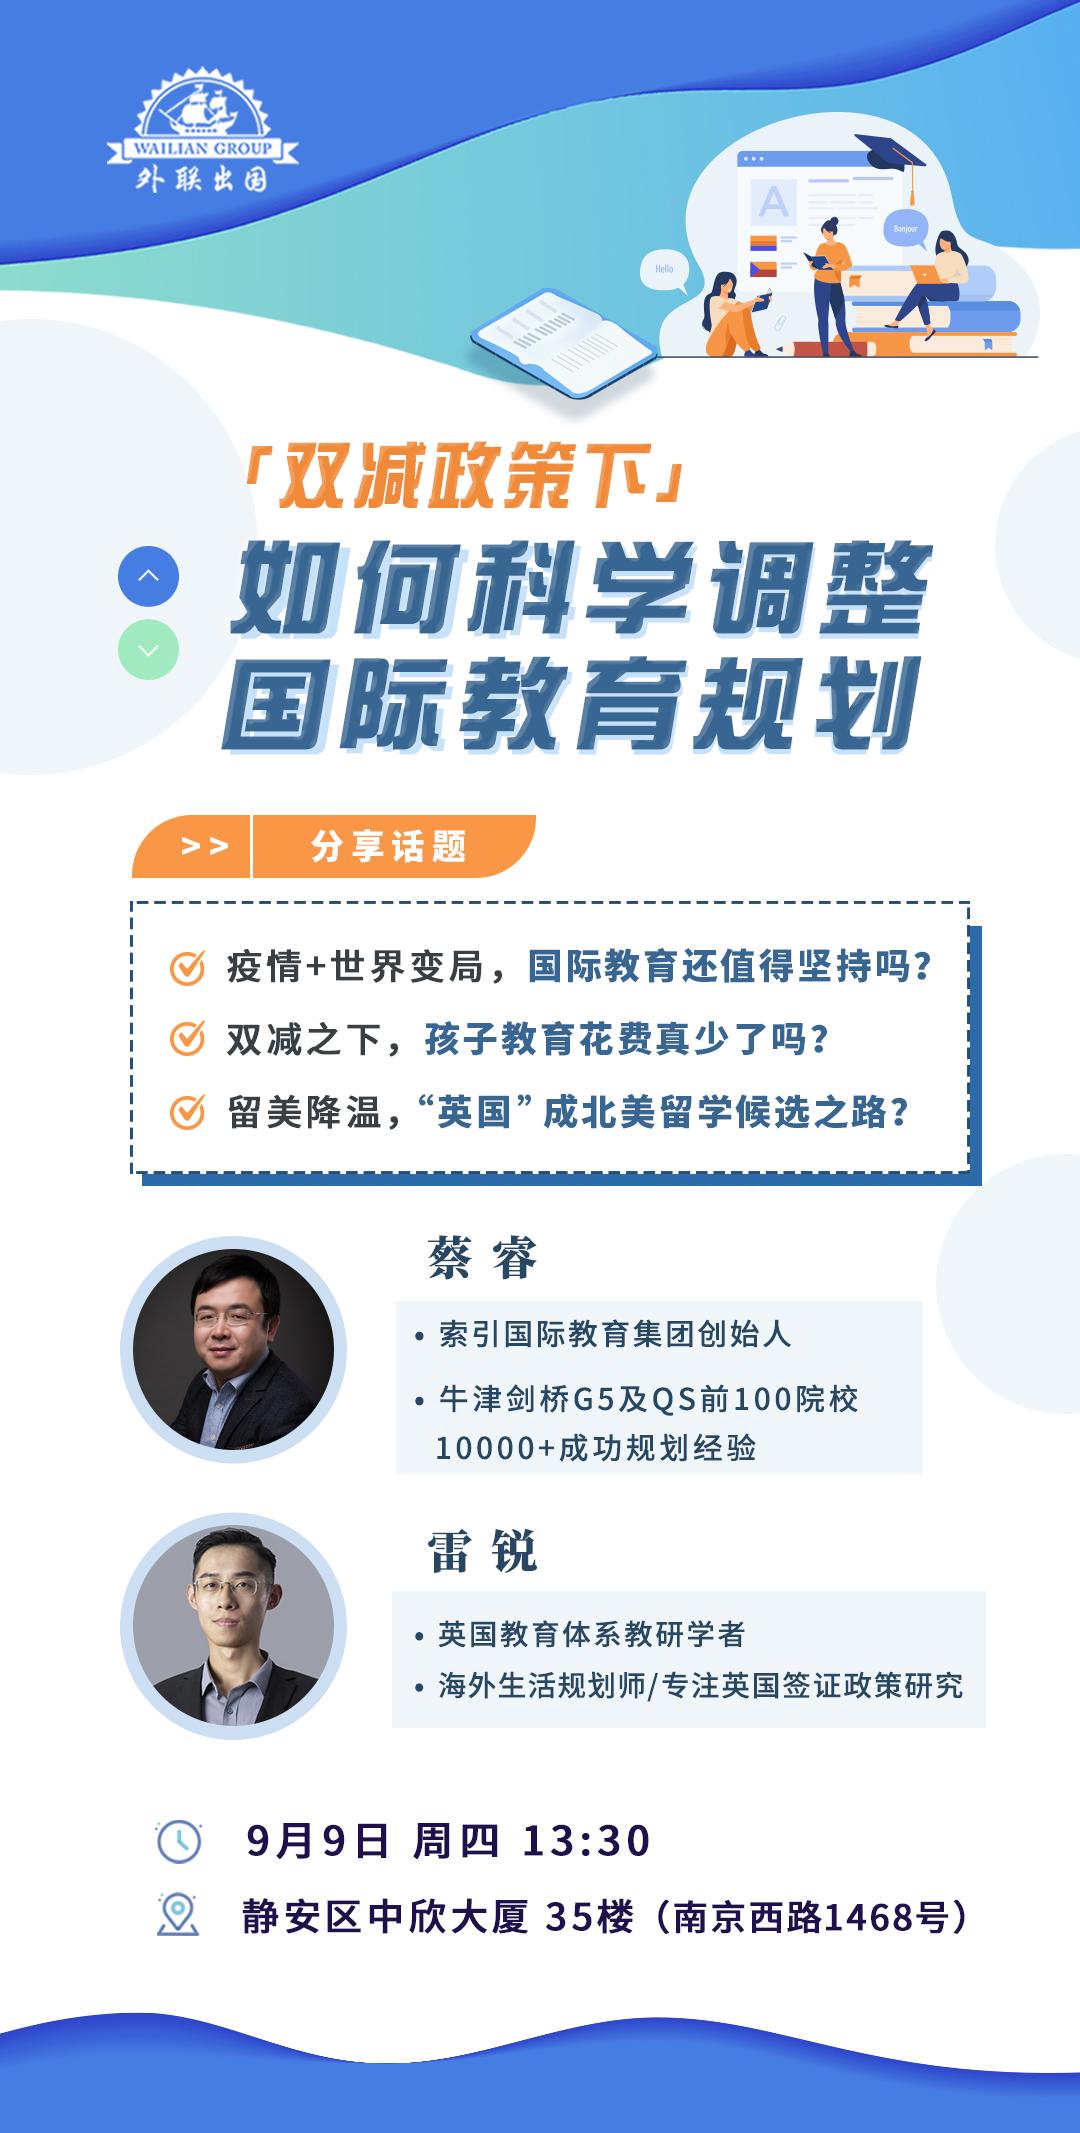 上海9.9活动-长图.jpg